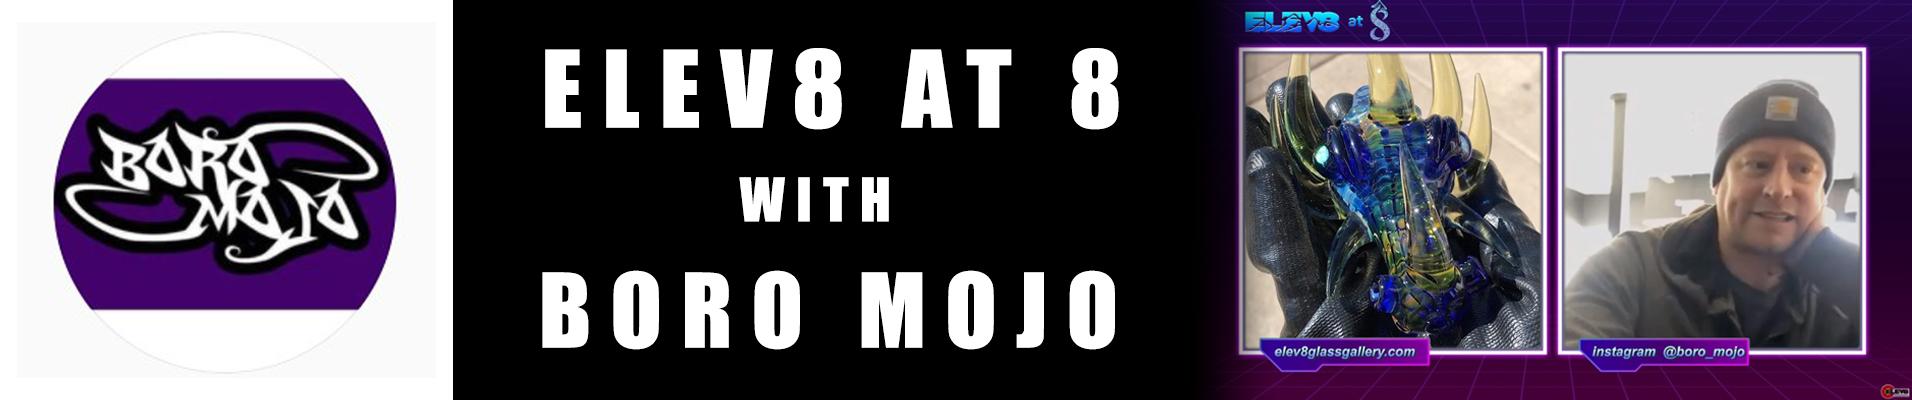 boro-mojo-elev8-at-8-blog-banner.jpg